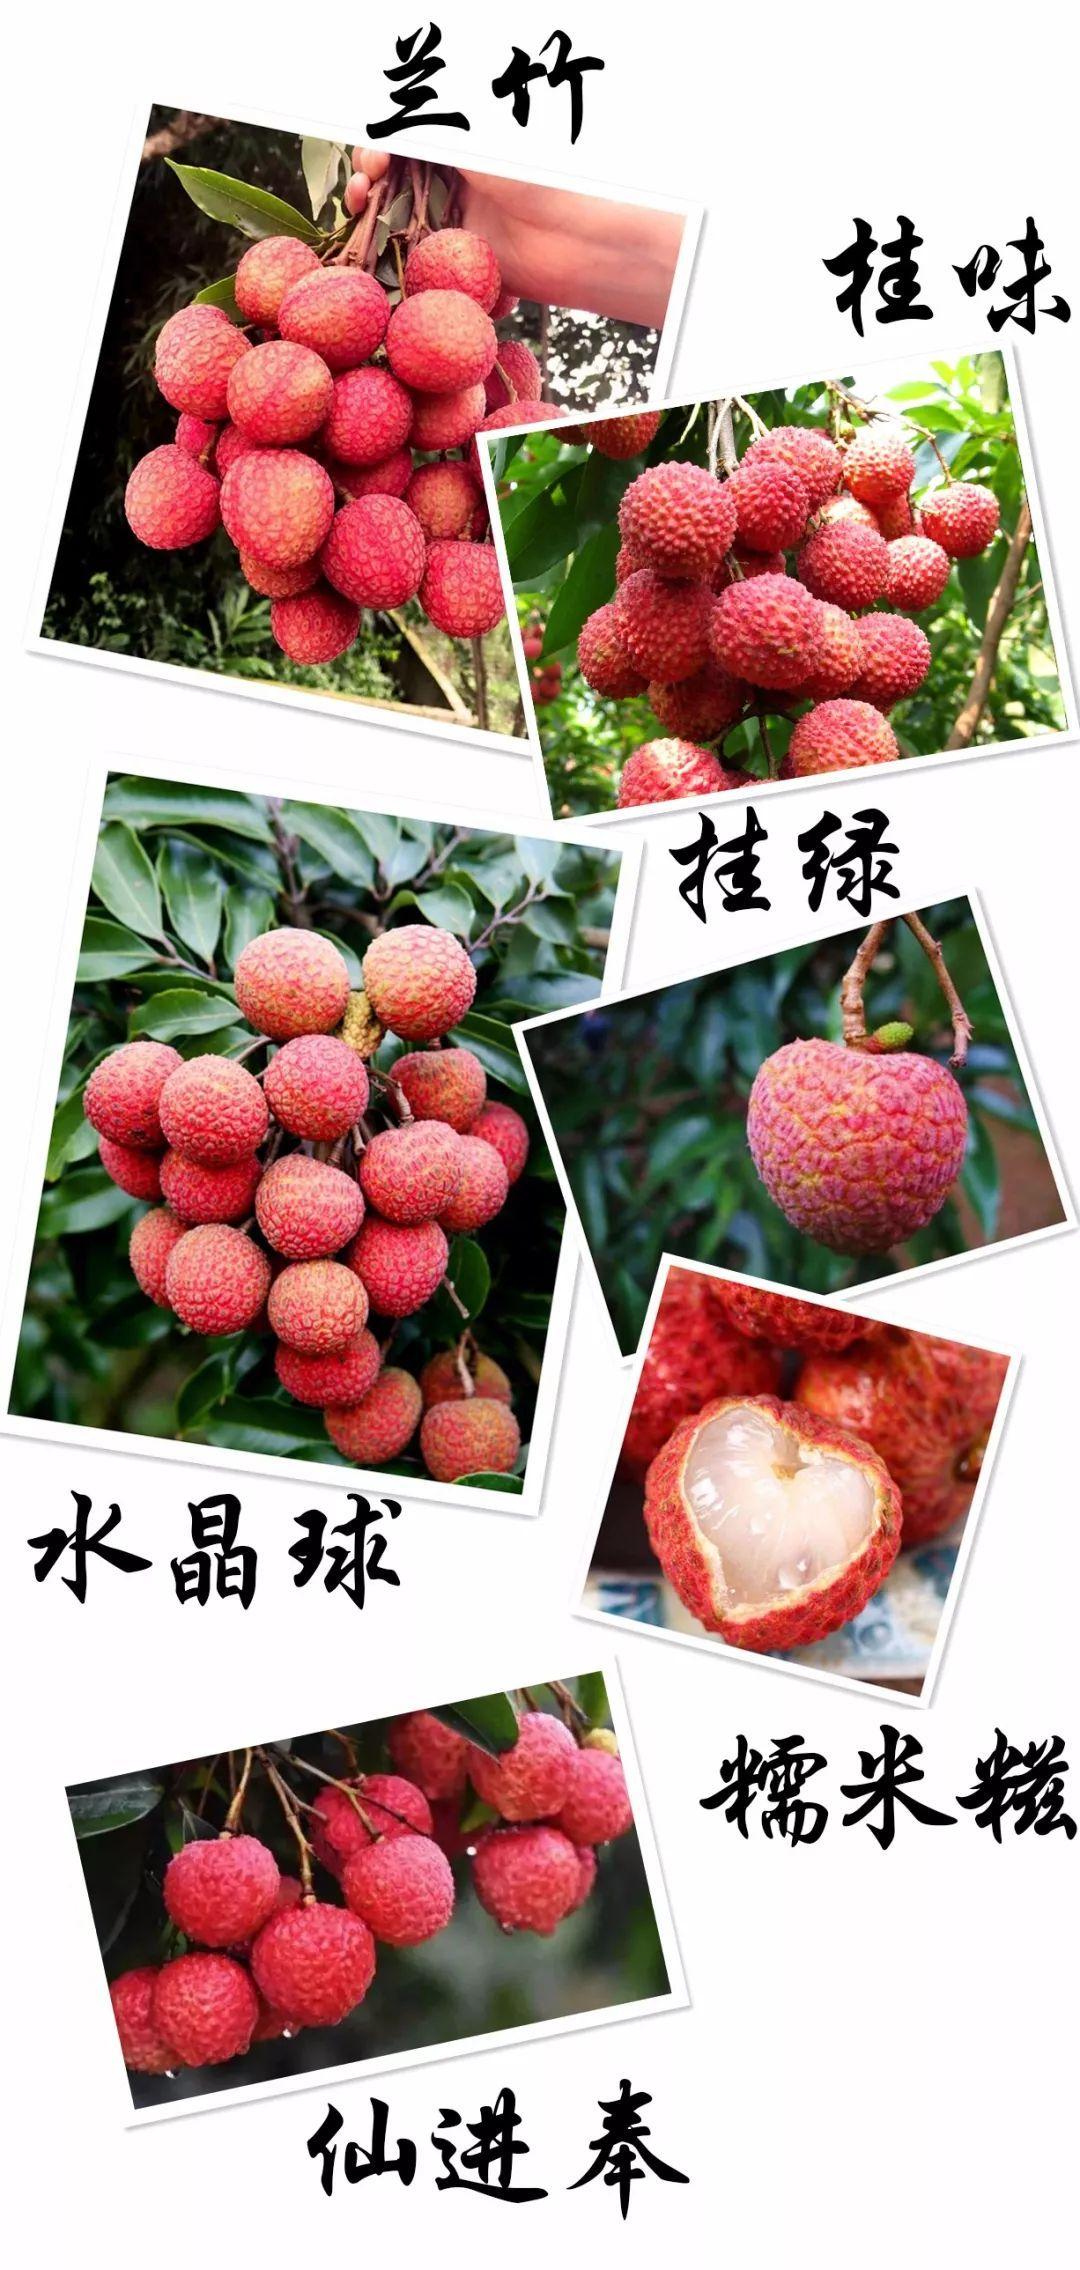 爆炸新闻:增城荔枝节!疯了,这个果场竟然价值55万一颗的挂绿免费送!